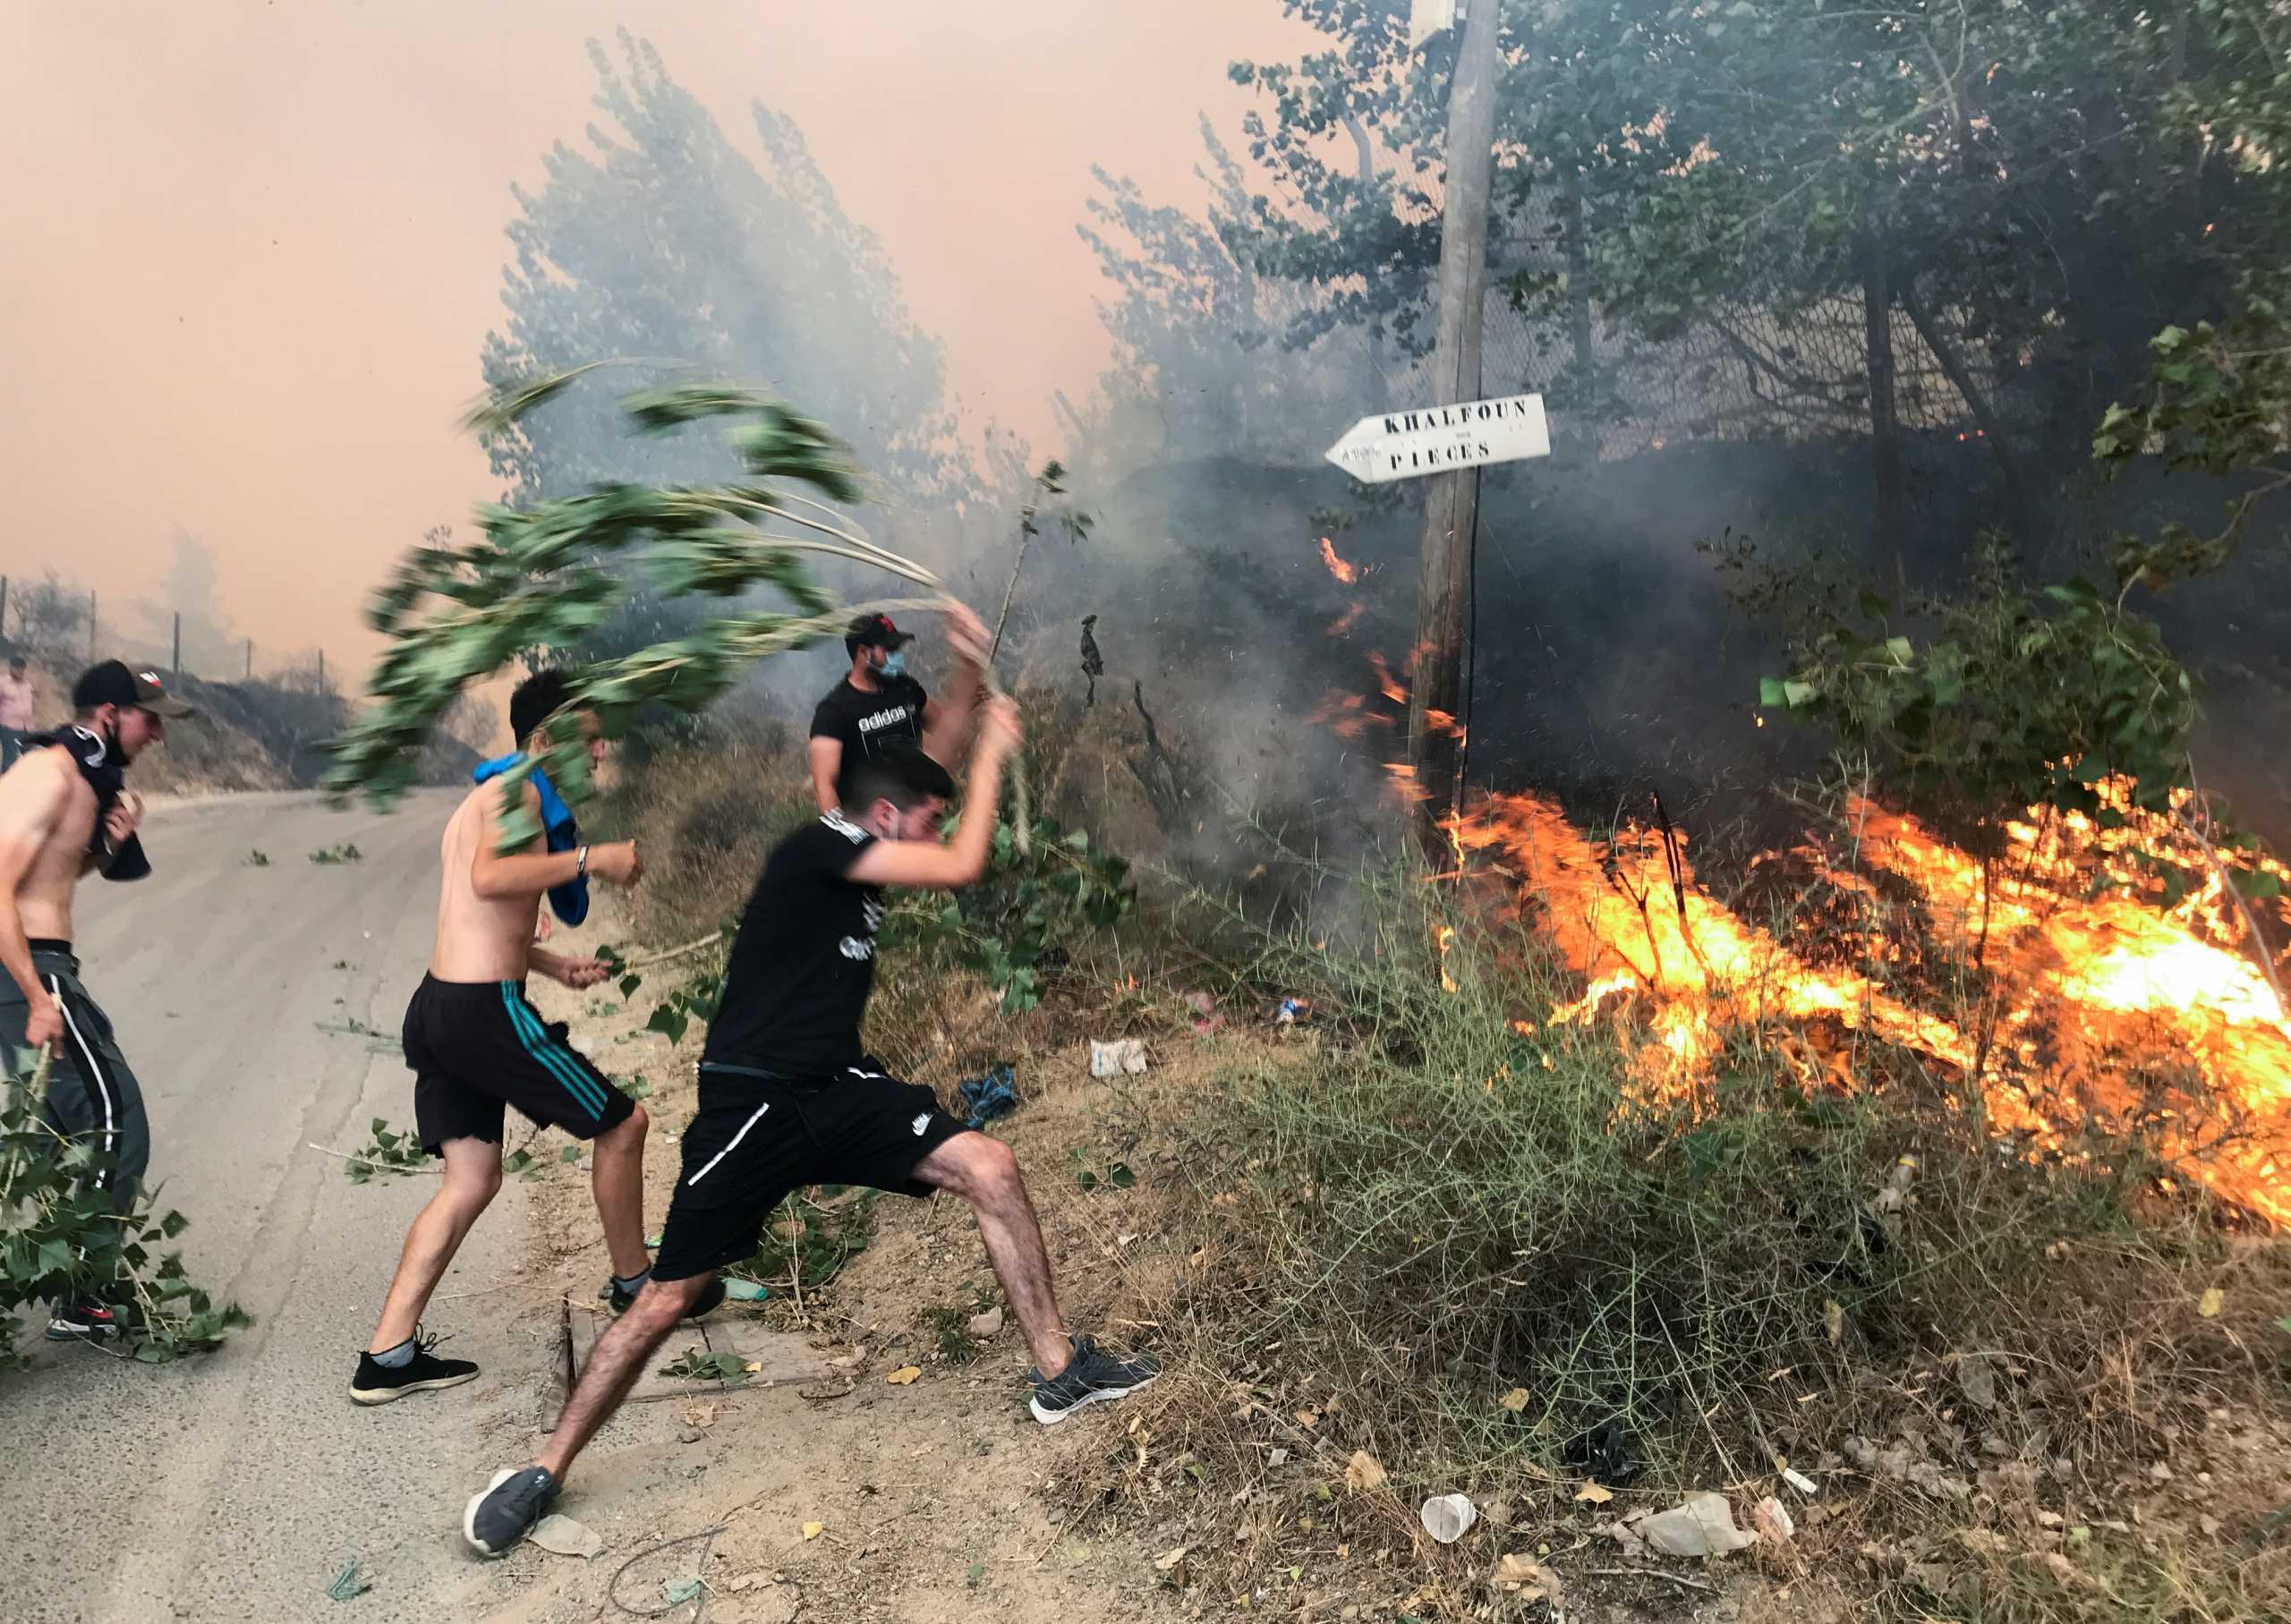 Πυρκαγιές σαρώνουν την Αλγερία – Τουλάχιστον 42 νεκροί